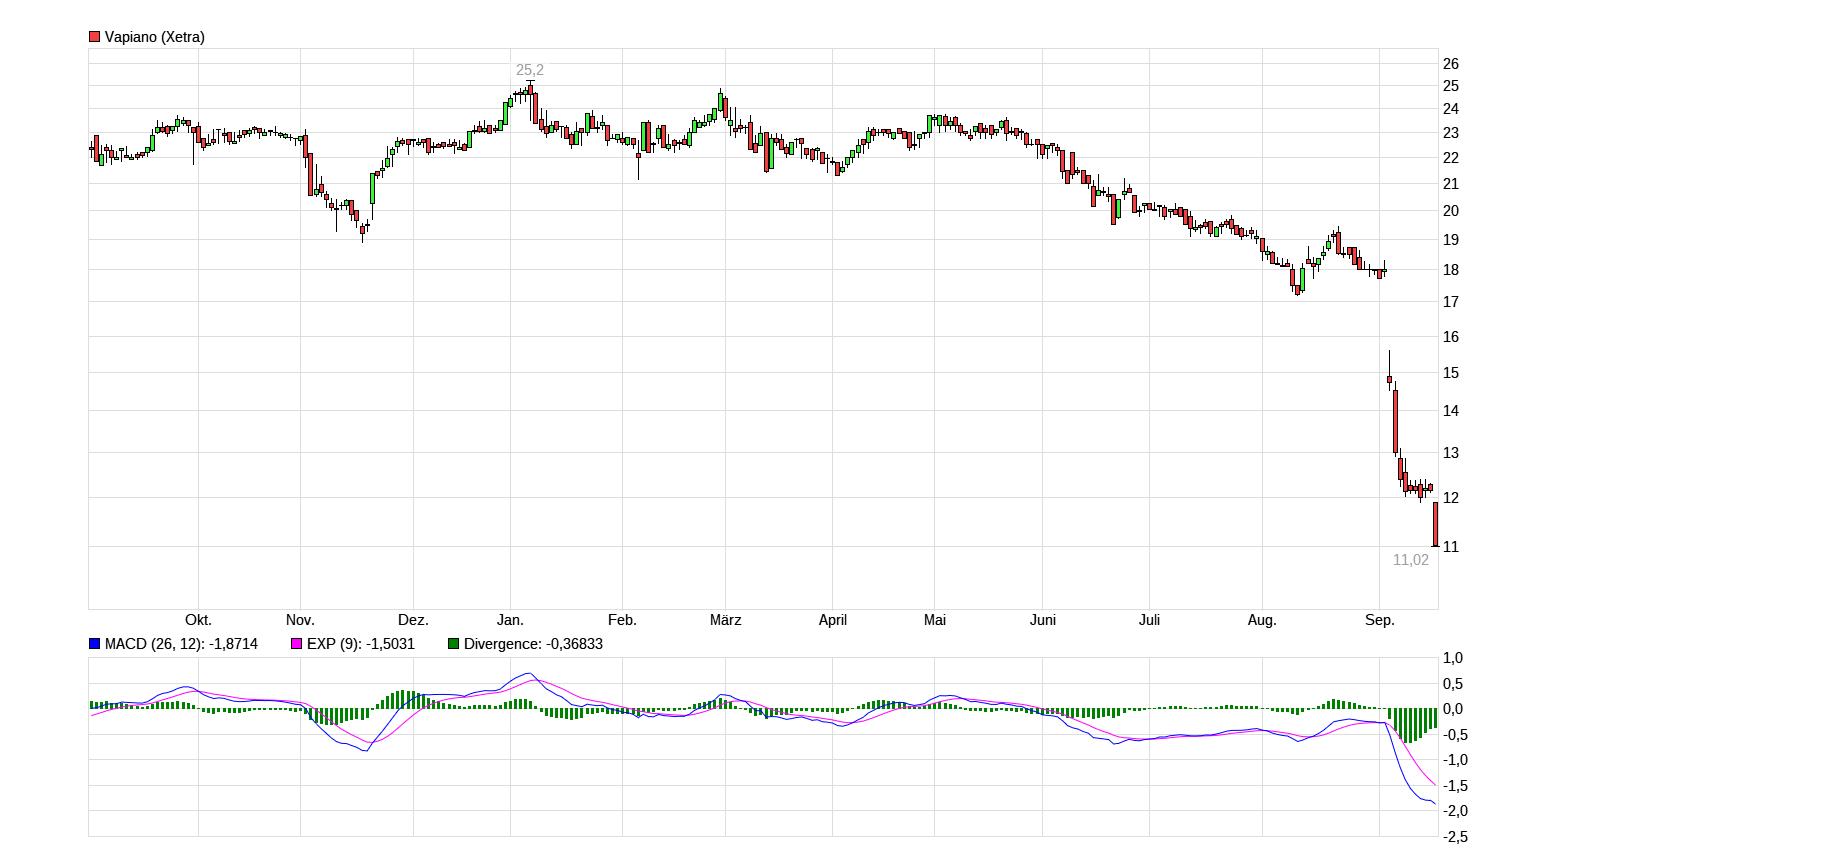 chart_year_vapiano.png